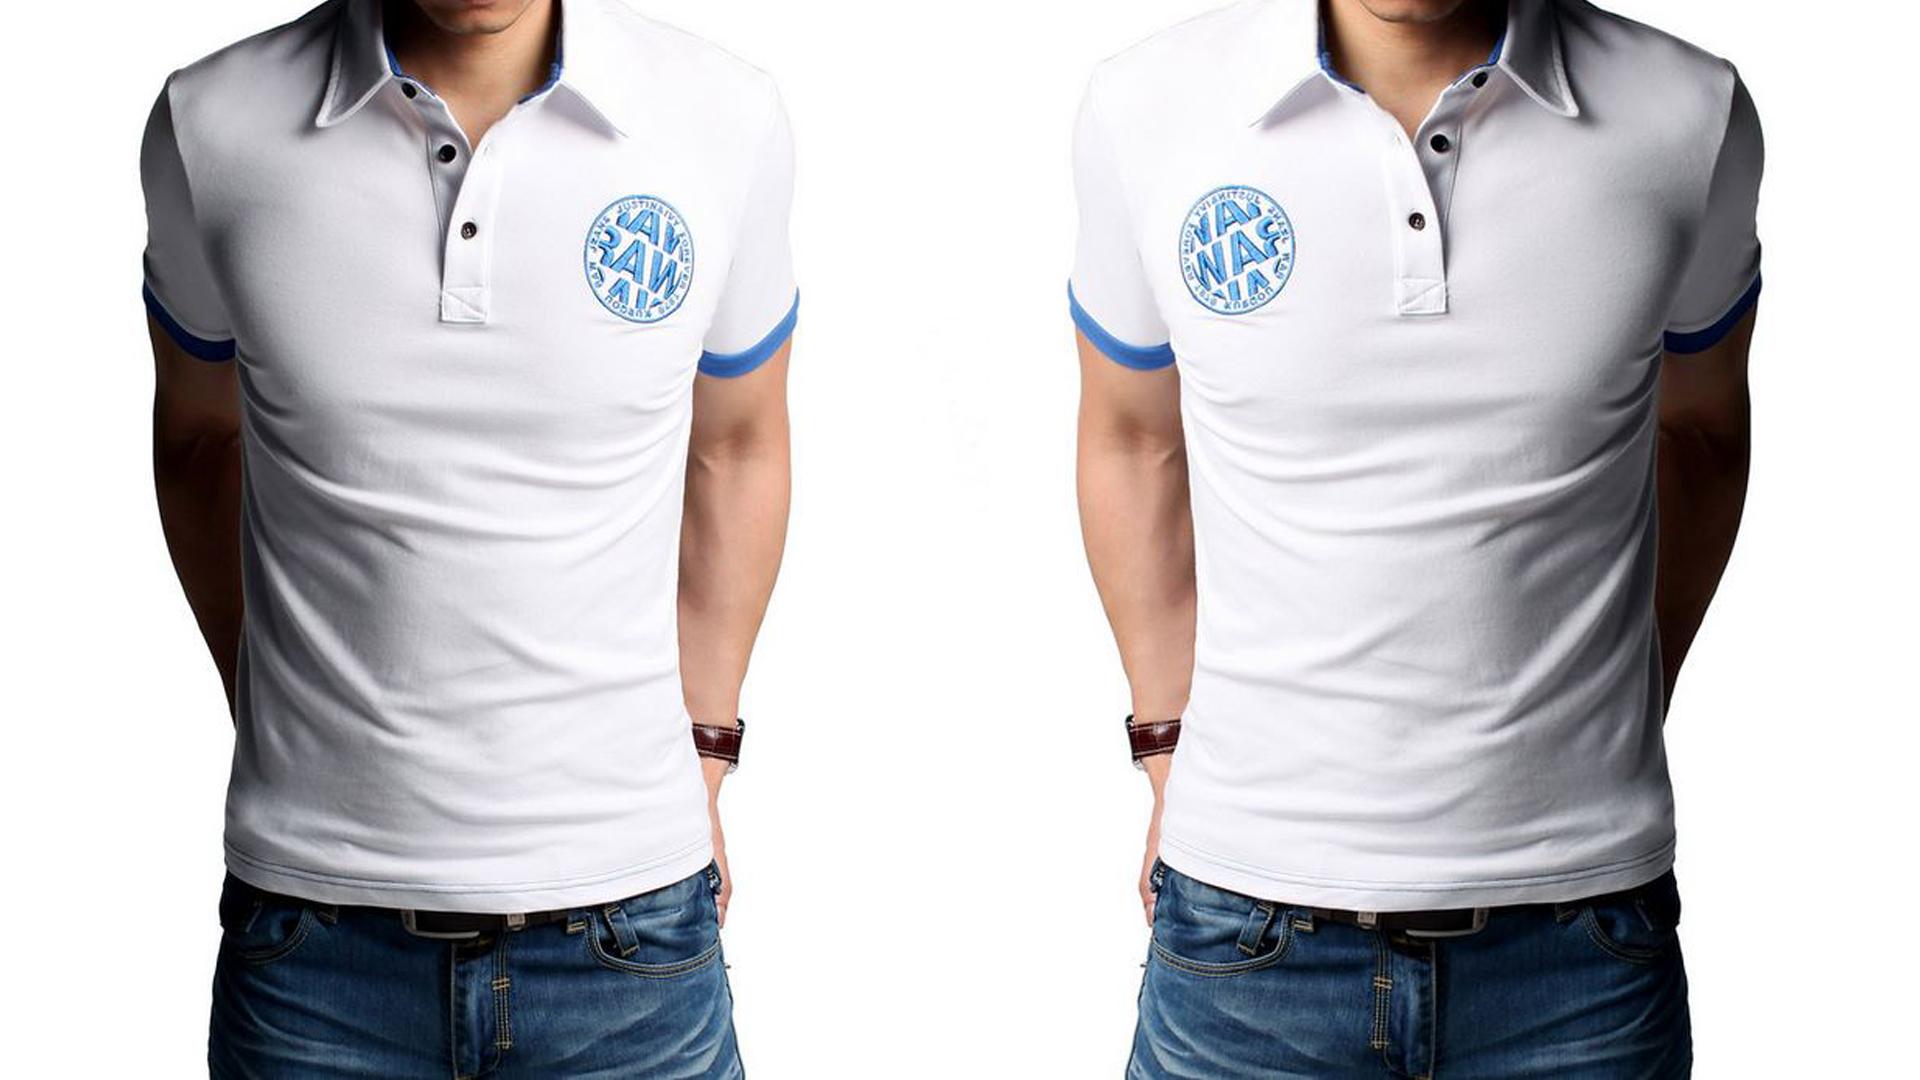 【年代別】おしゃれなポロシャツのコーデを紹介!!夏の定番アイテムを着こなそう